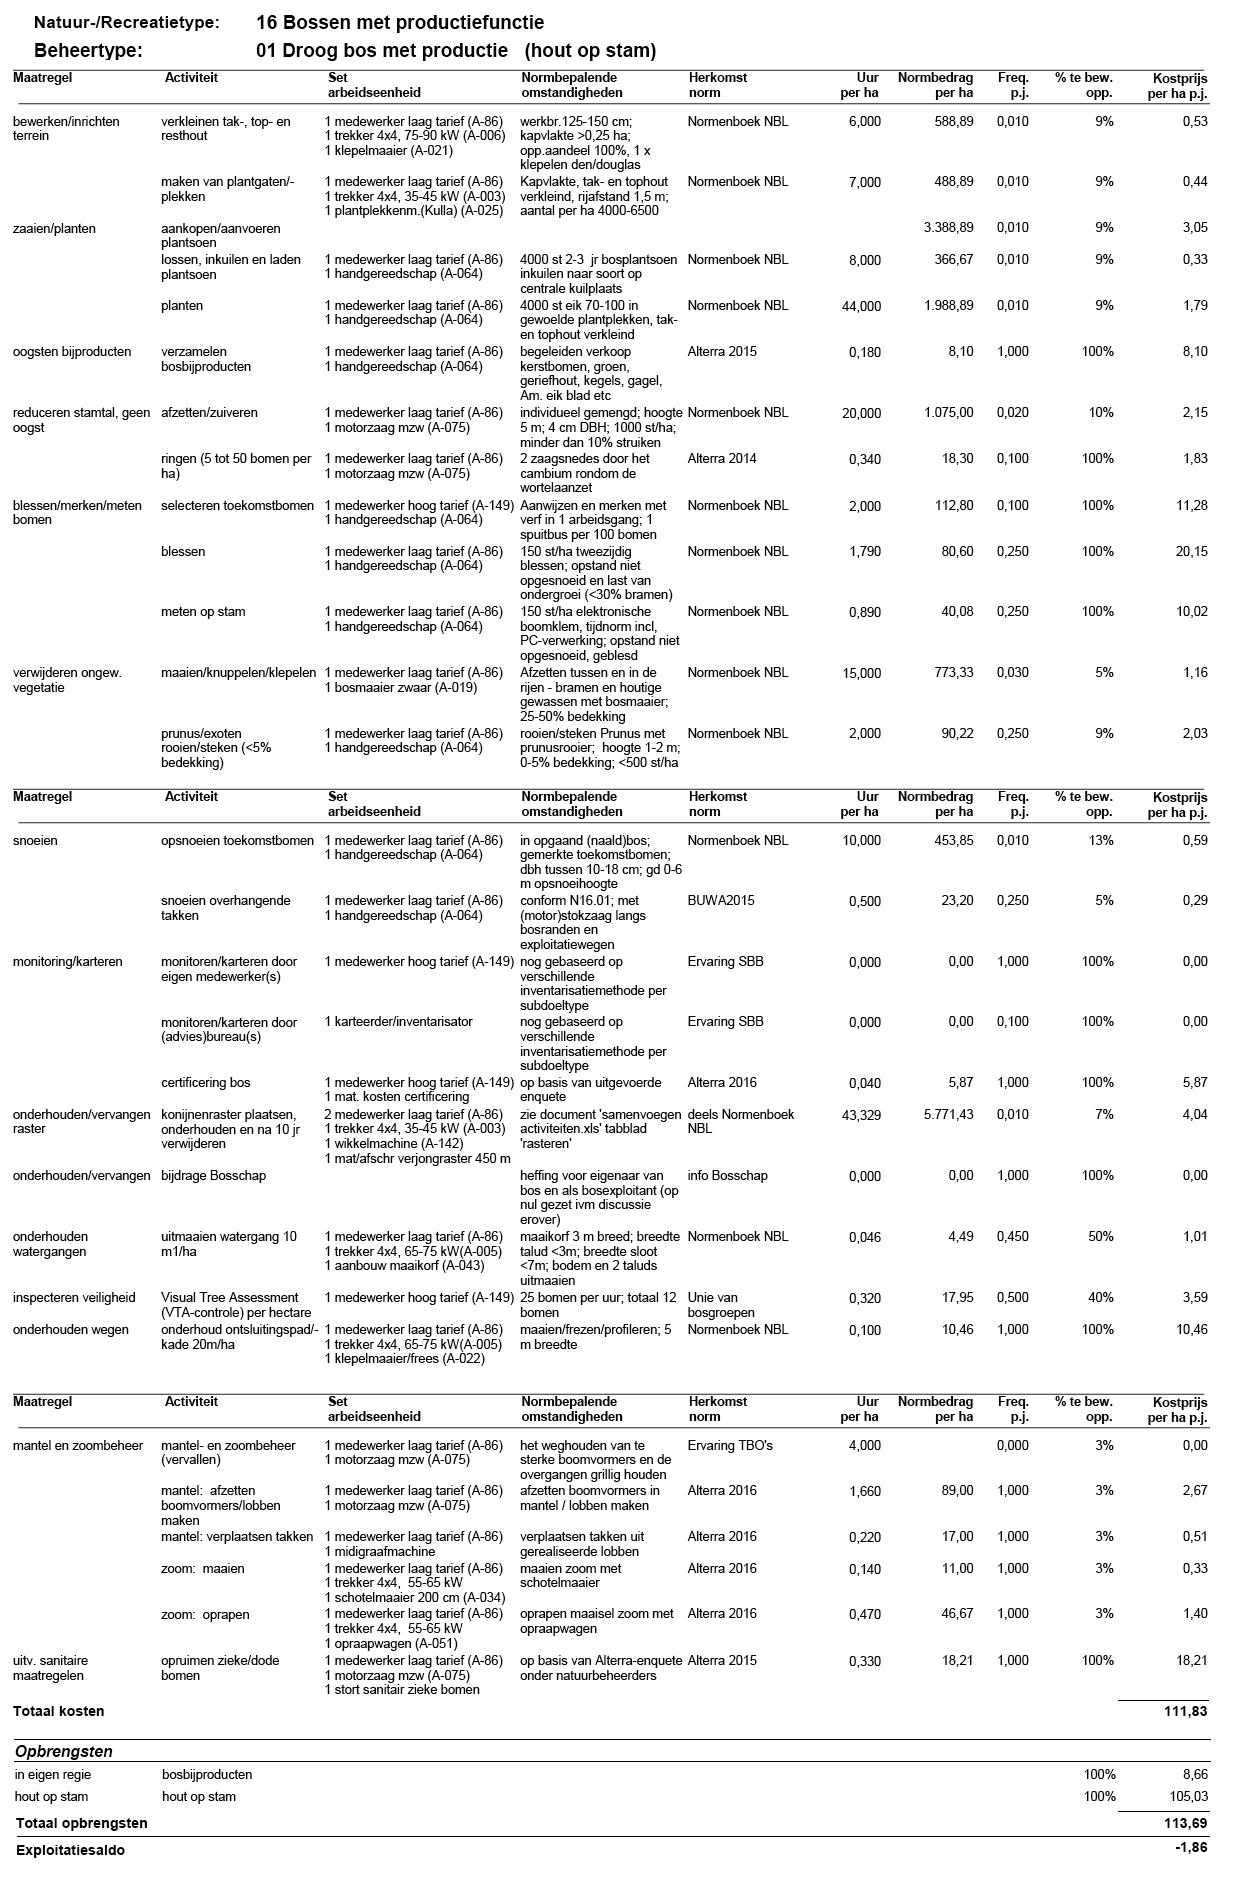 Standaardkostprijs-2016-Natuurtype-16-01